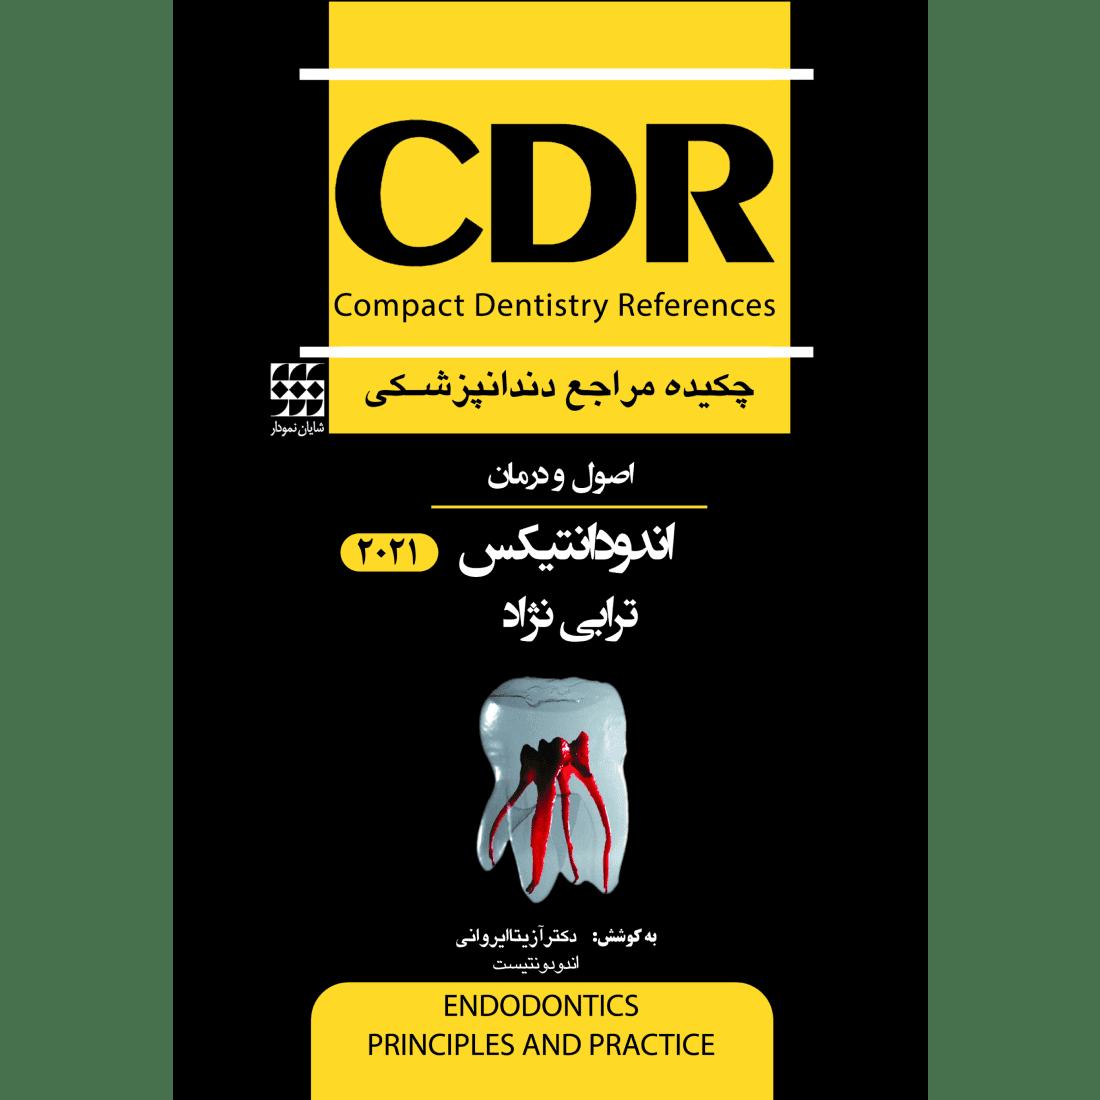 خلاصه کتاب اندودانتیکس ترابی نژاد 2021 CDR